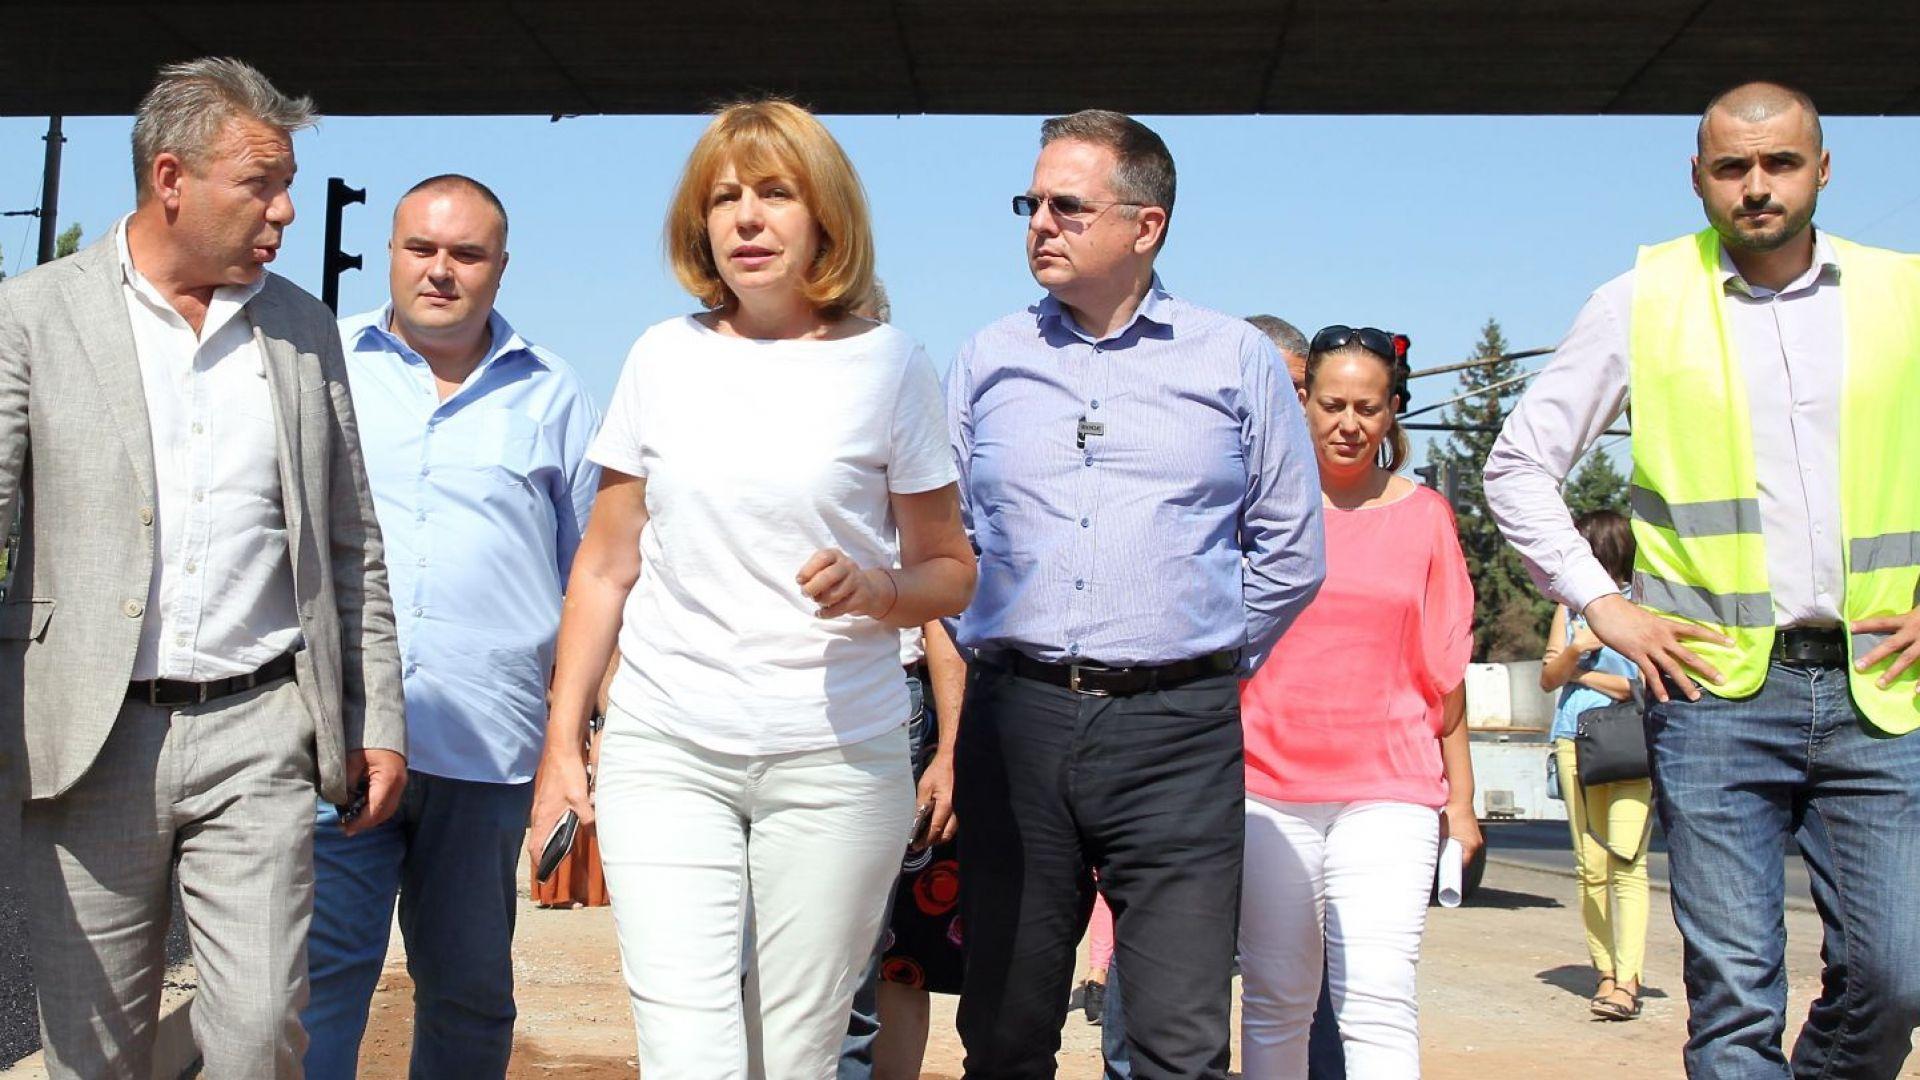 През следващата седмица кметът на София Йорданка Фандъкова ще обяви